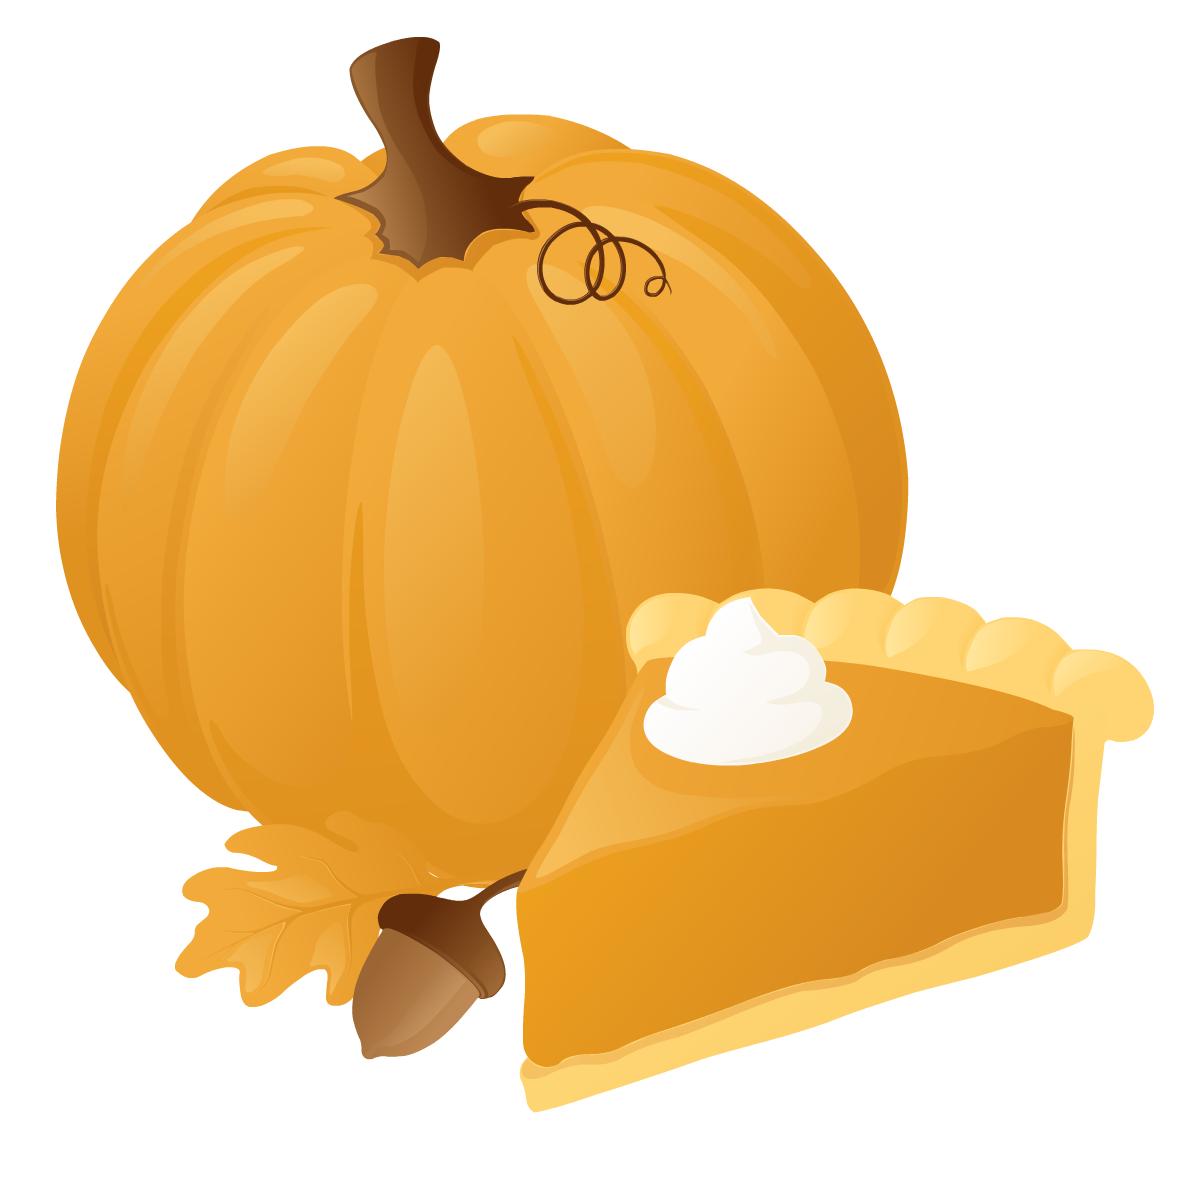 1200x1200 Dessert Clipart Thanksgiving Pie